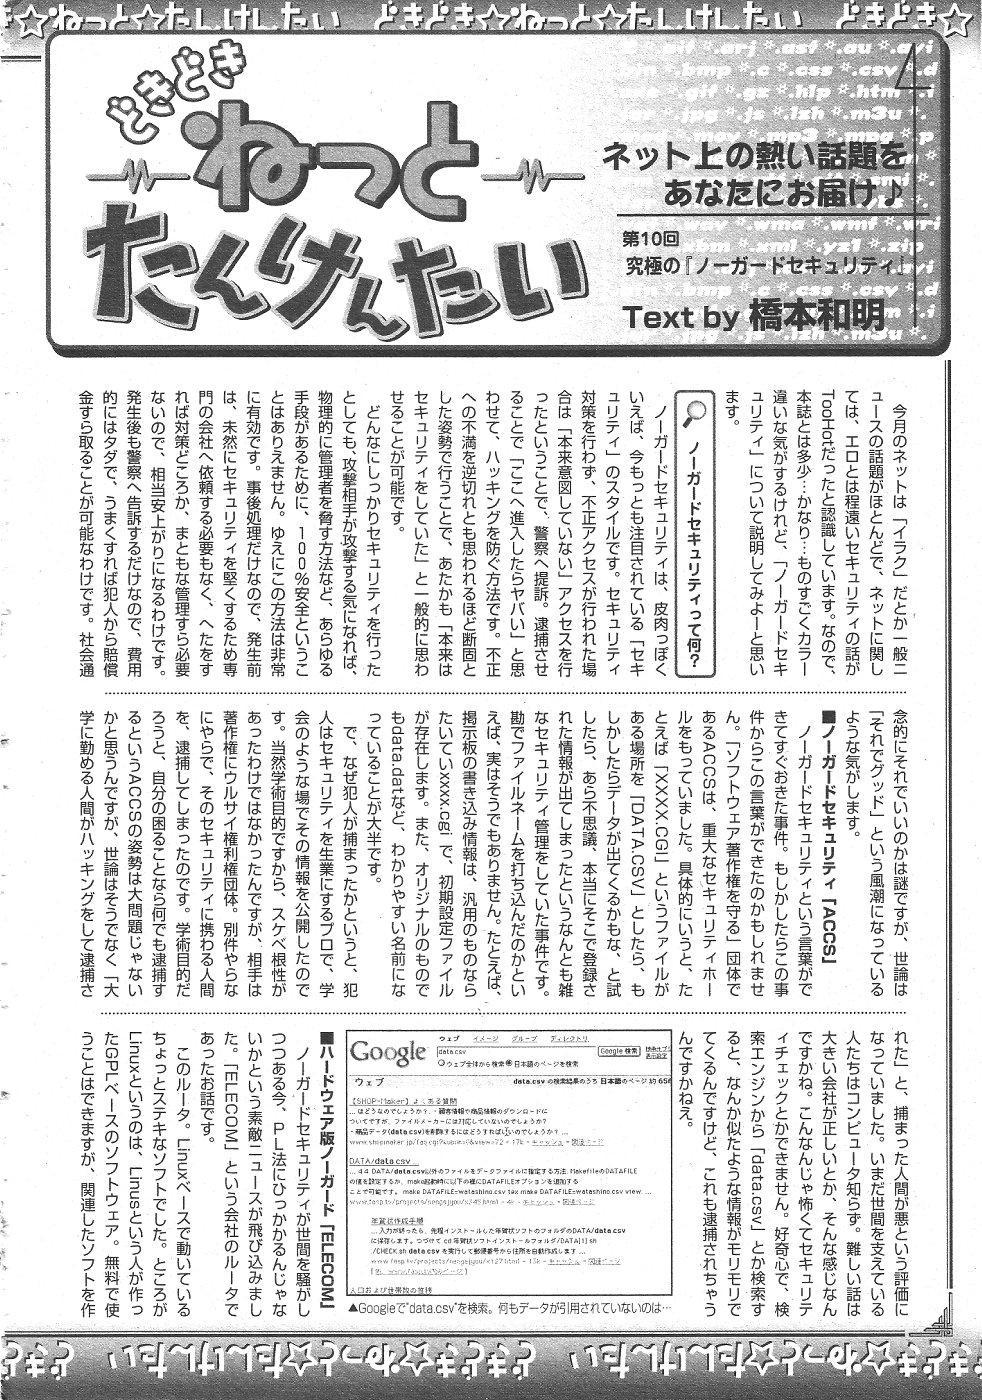 Gekkan Comic Muga 2004-06 Vol.10 403